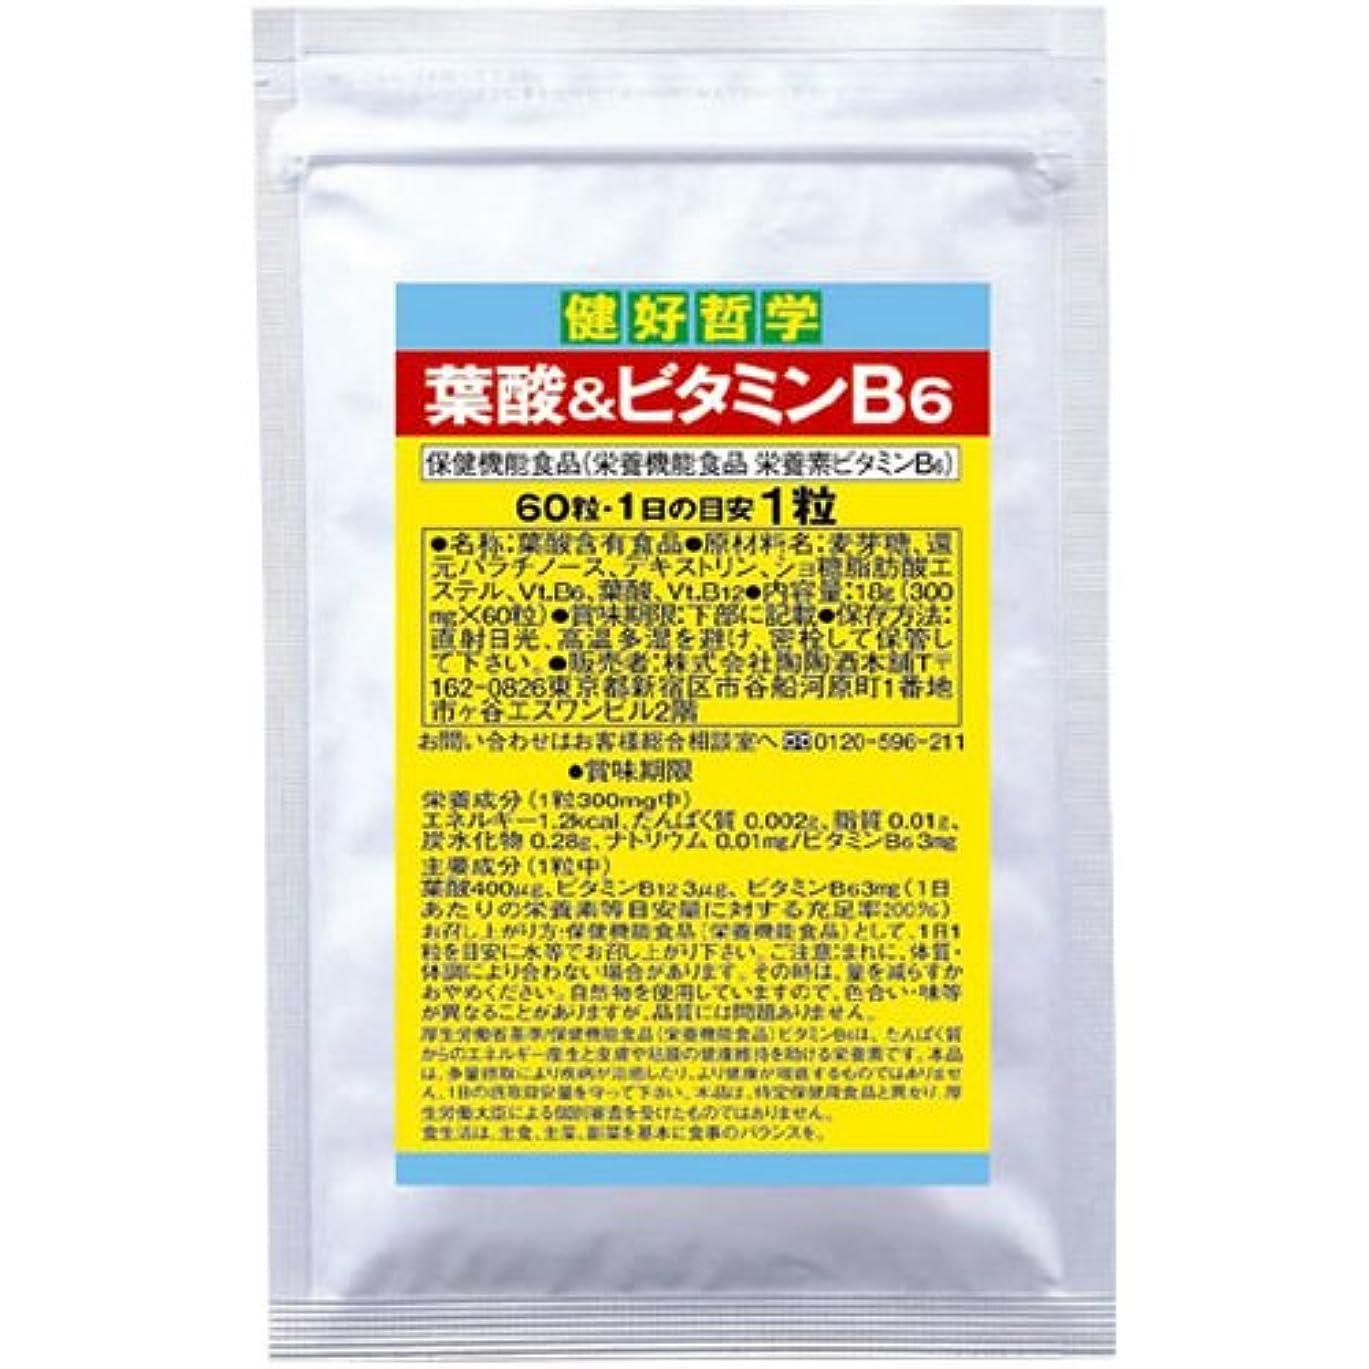 畝間マッサージ涙陶陶酒本舗 健好哲学 葉酸&ビタミンB6 60粒